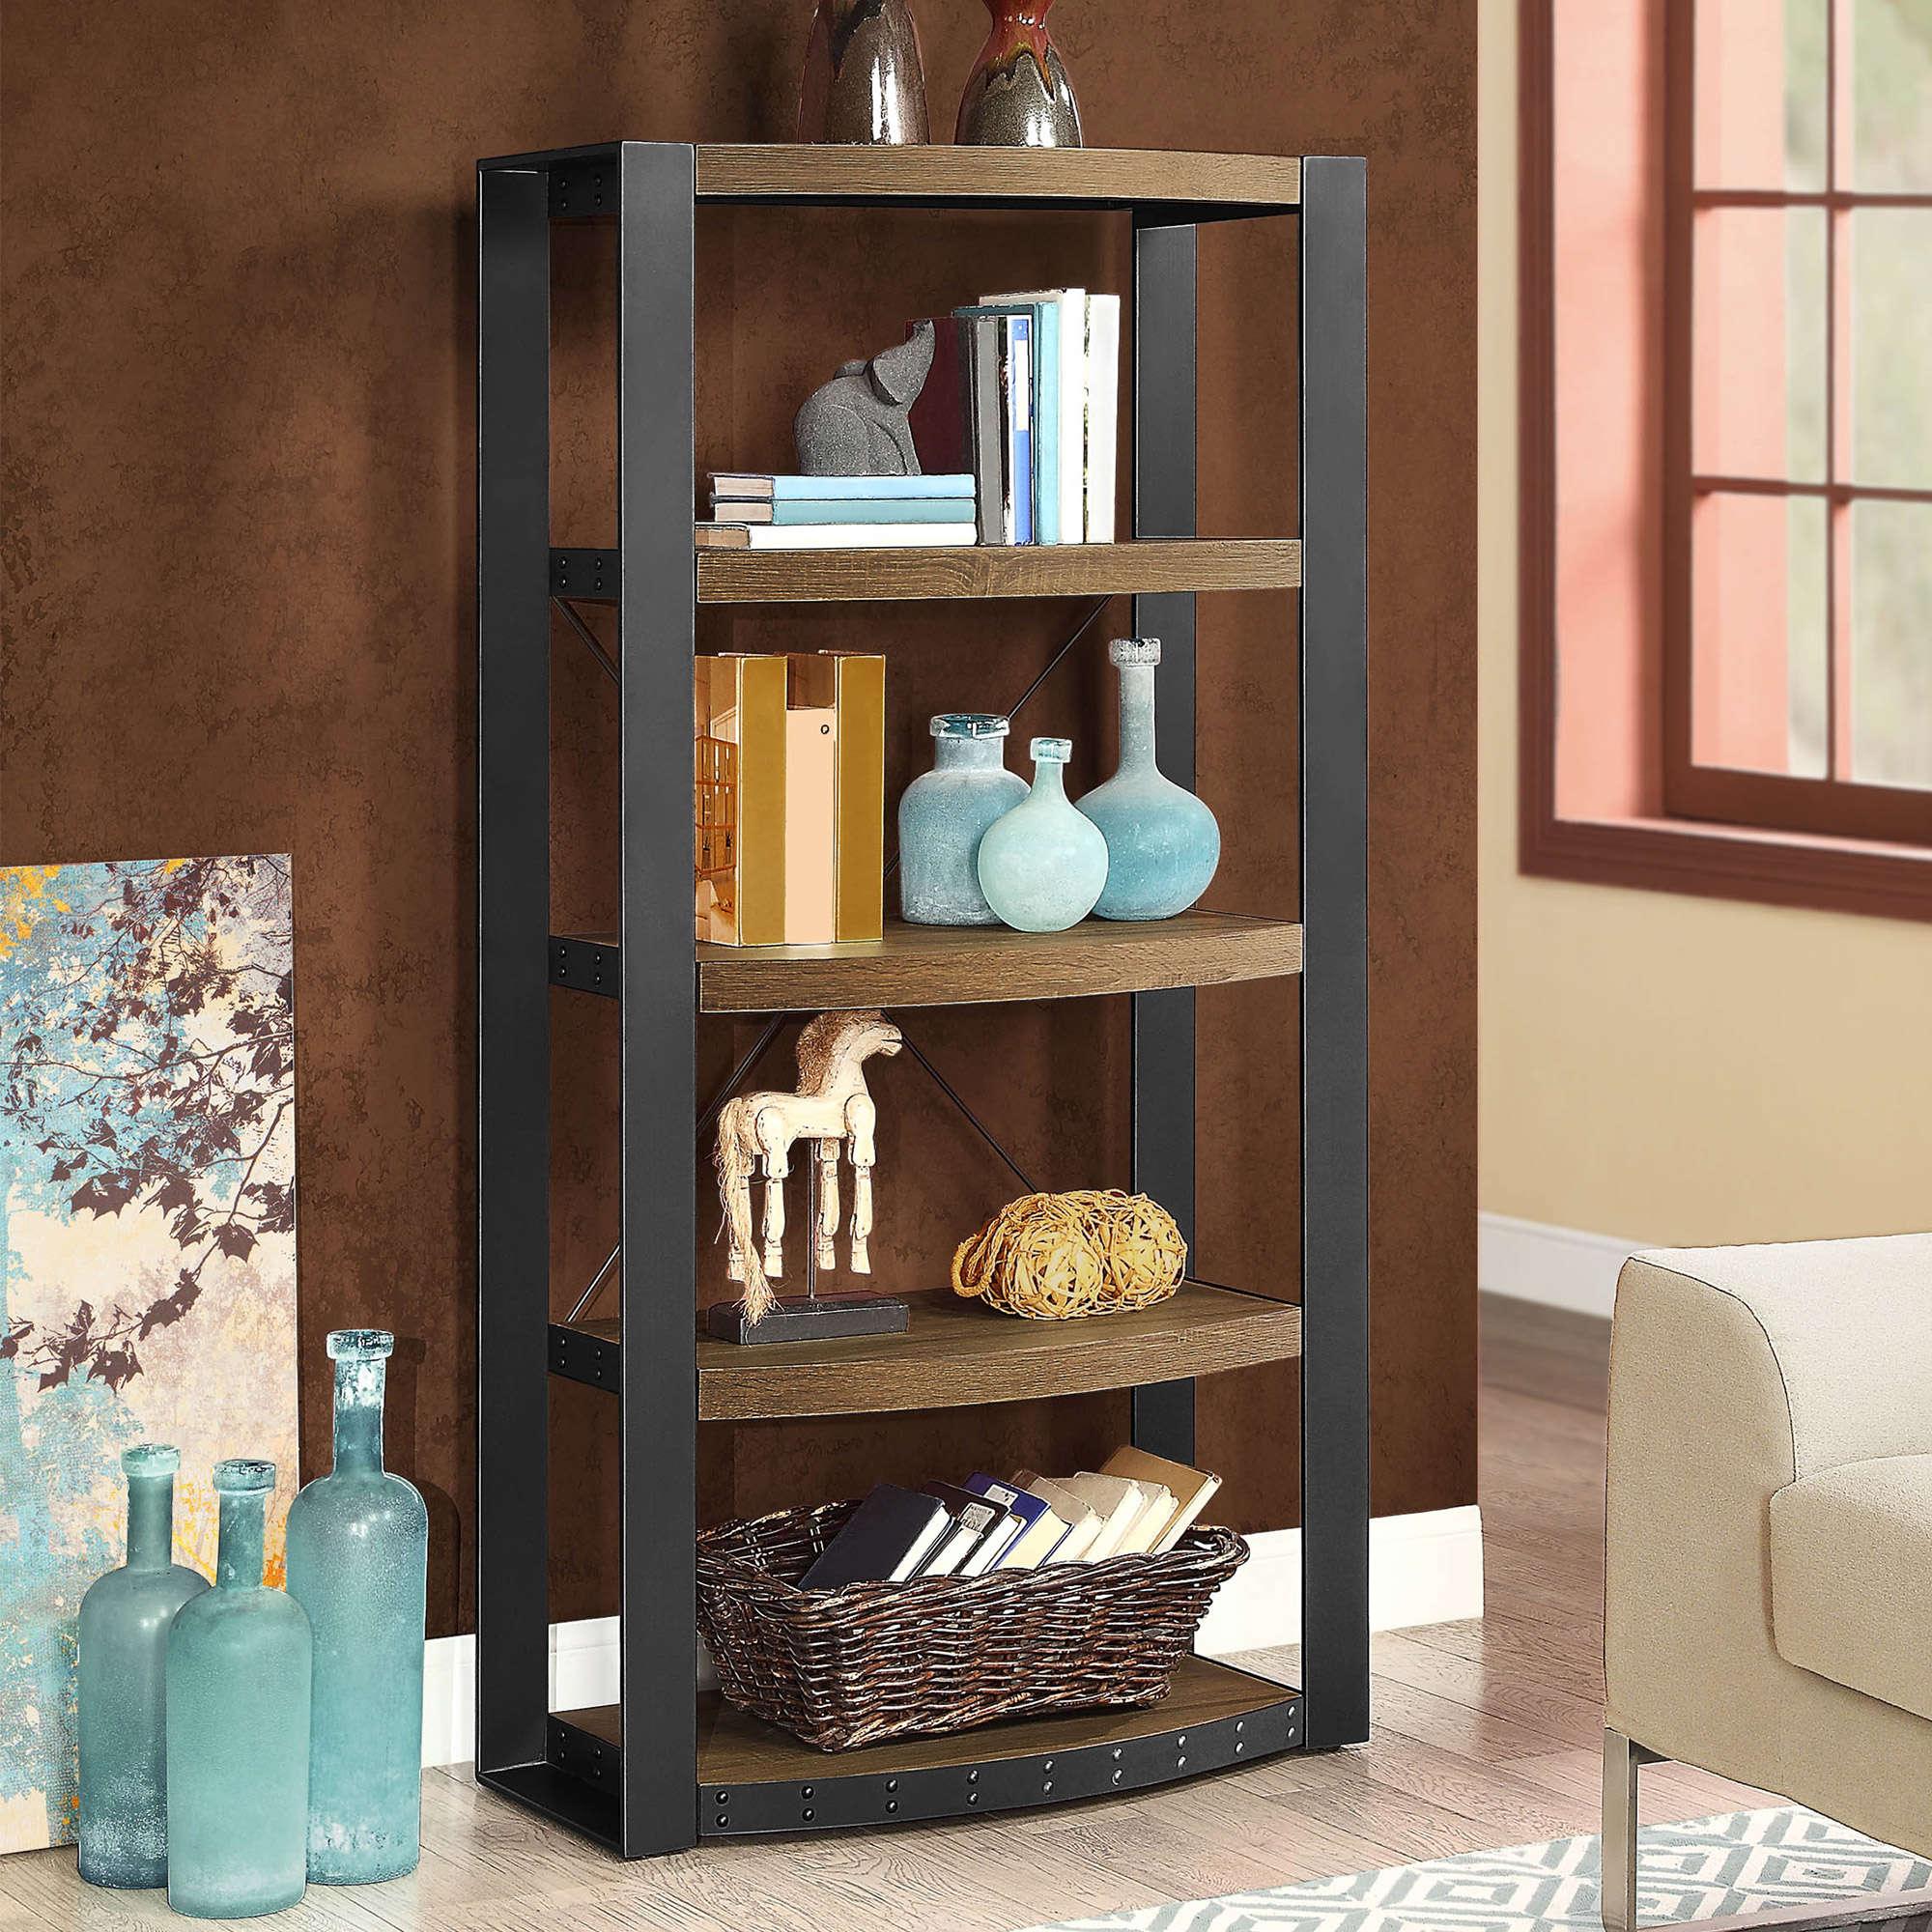 Whalen Santa Fe 5-Shelf Tower/Bookcase, Warm Ash Finish